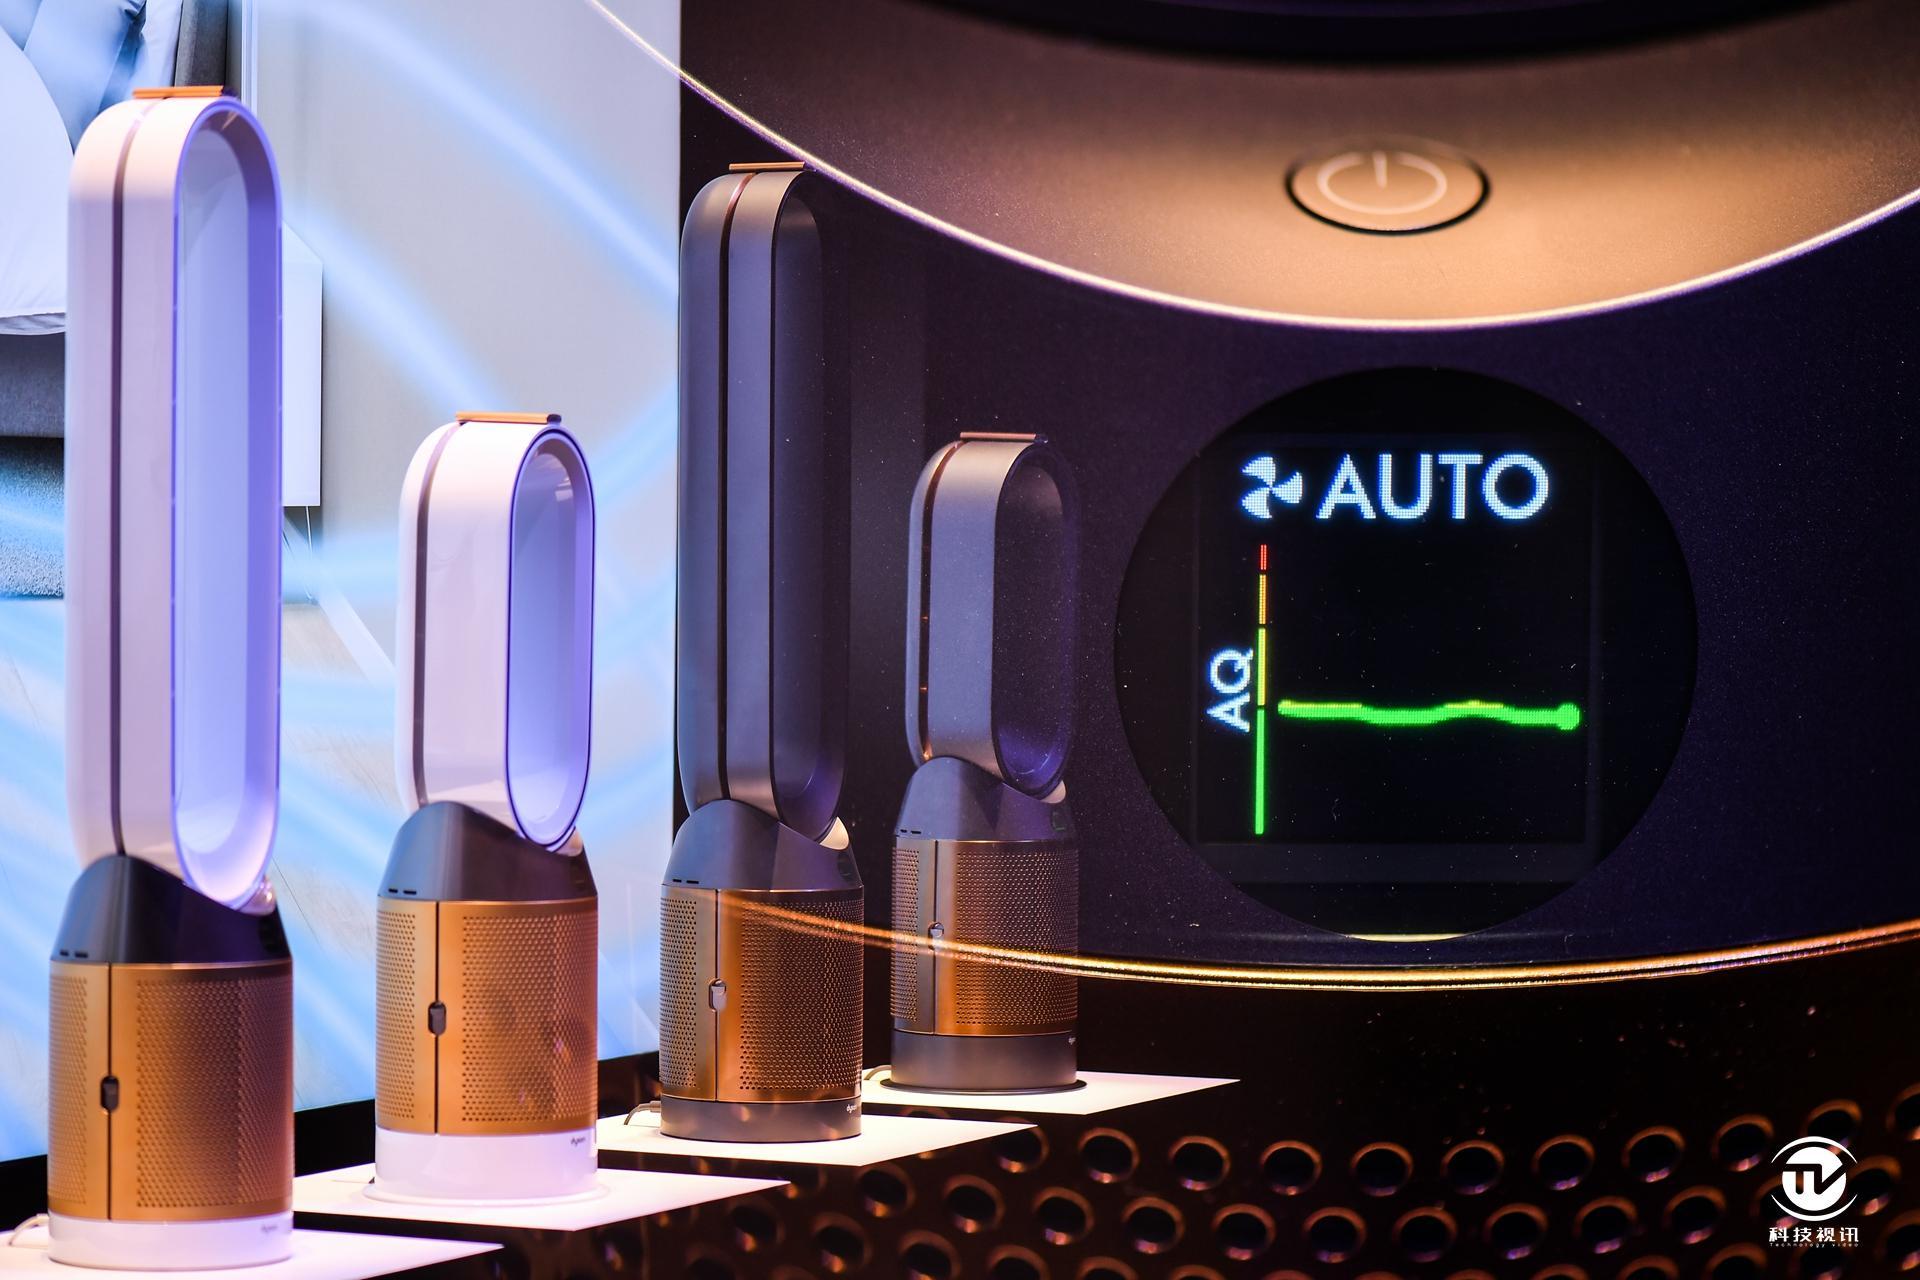 全新Dyson Pure Cryptomic 空气净化风扇捕获污染物并清除甲醛,喷射洁净空气覆盖整屋各个角落-5_副本.jpg